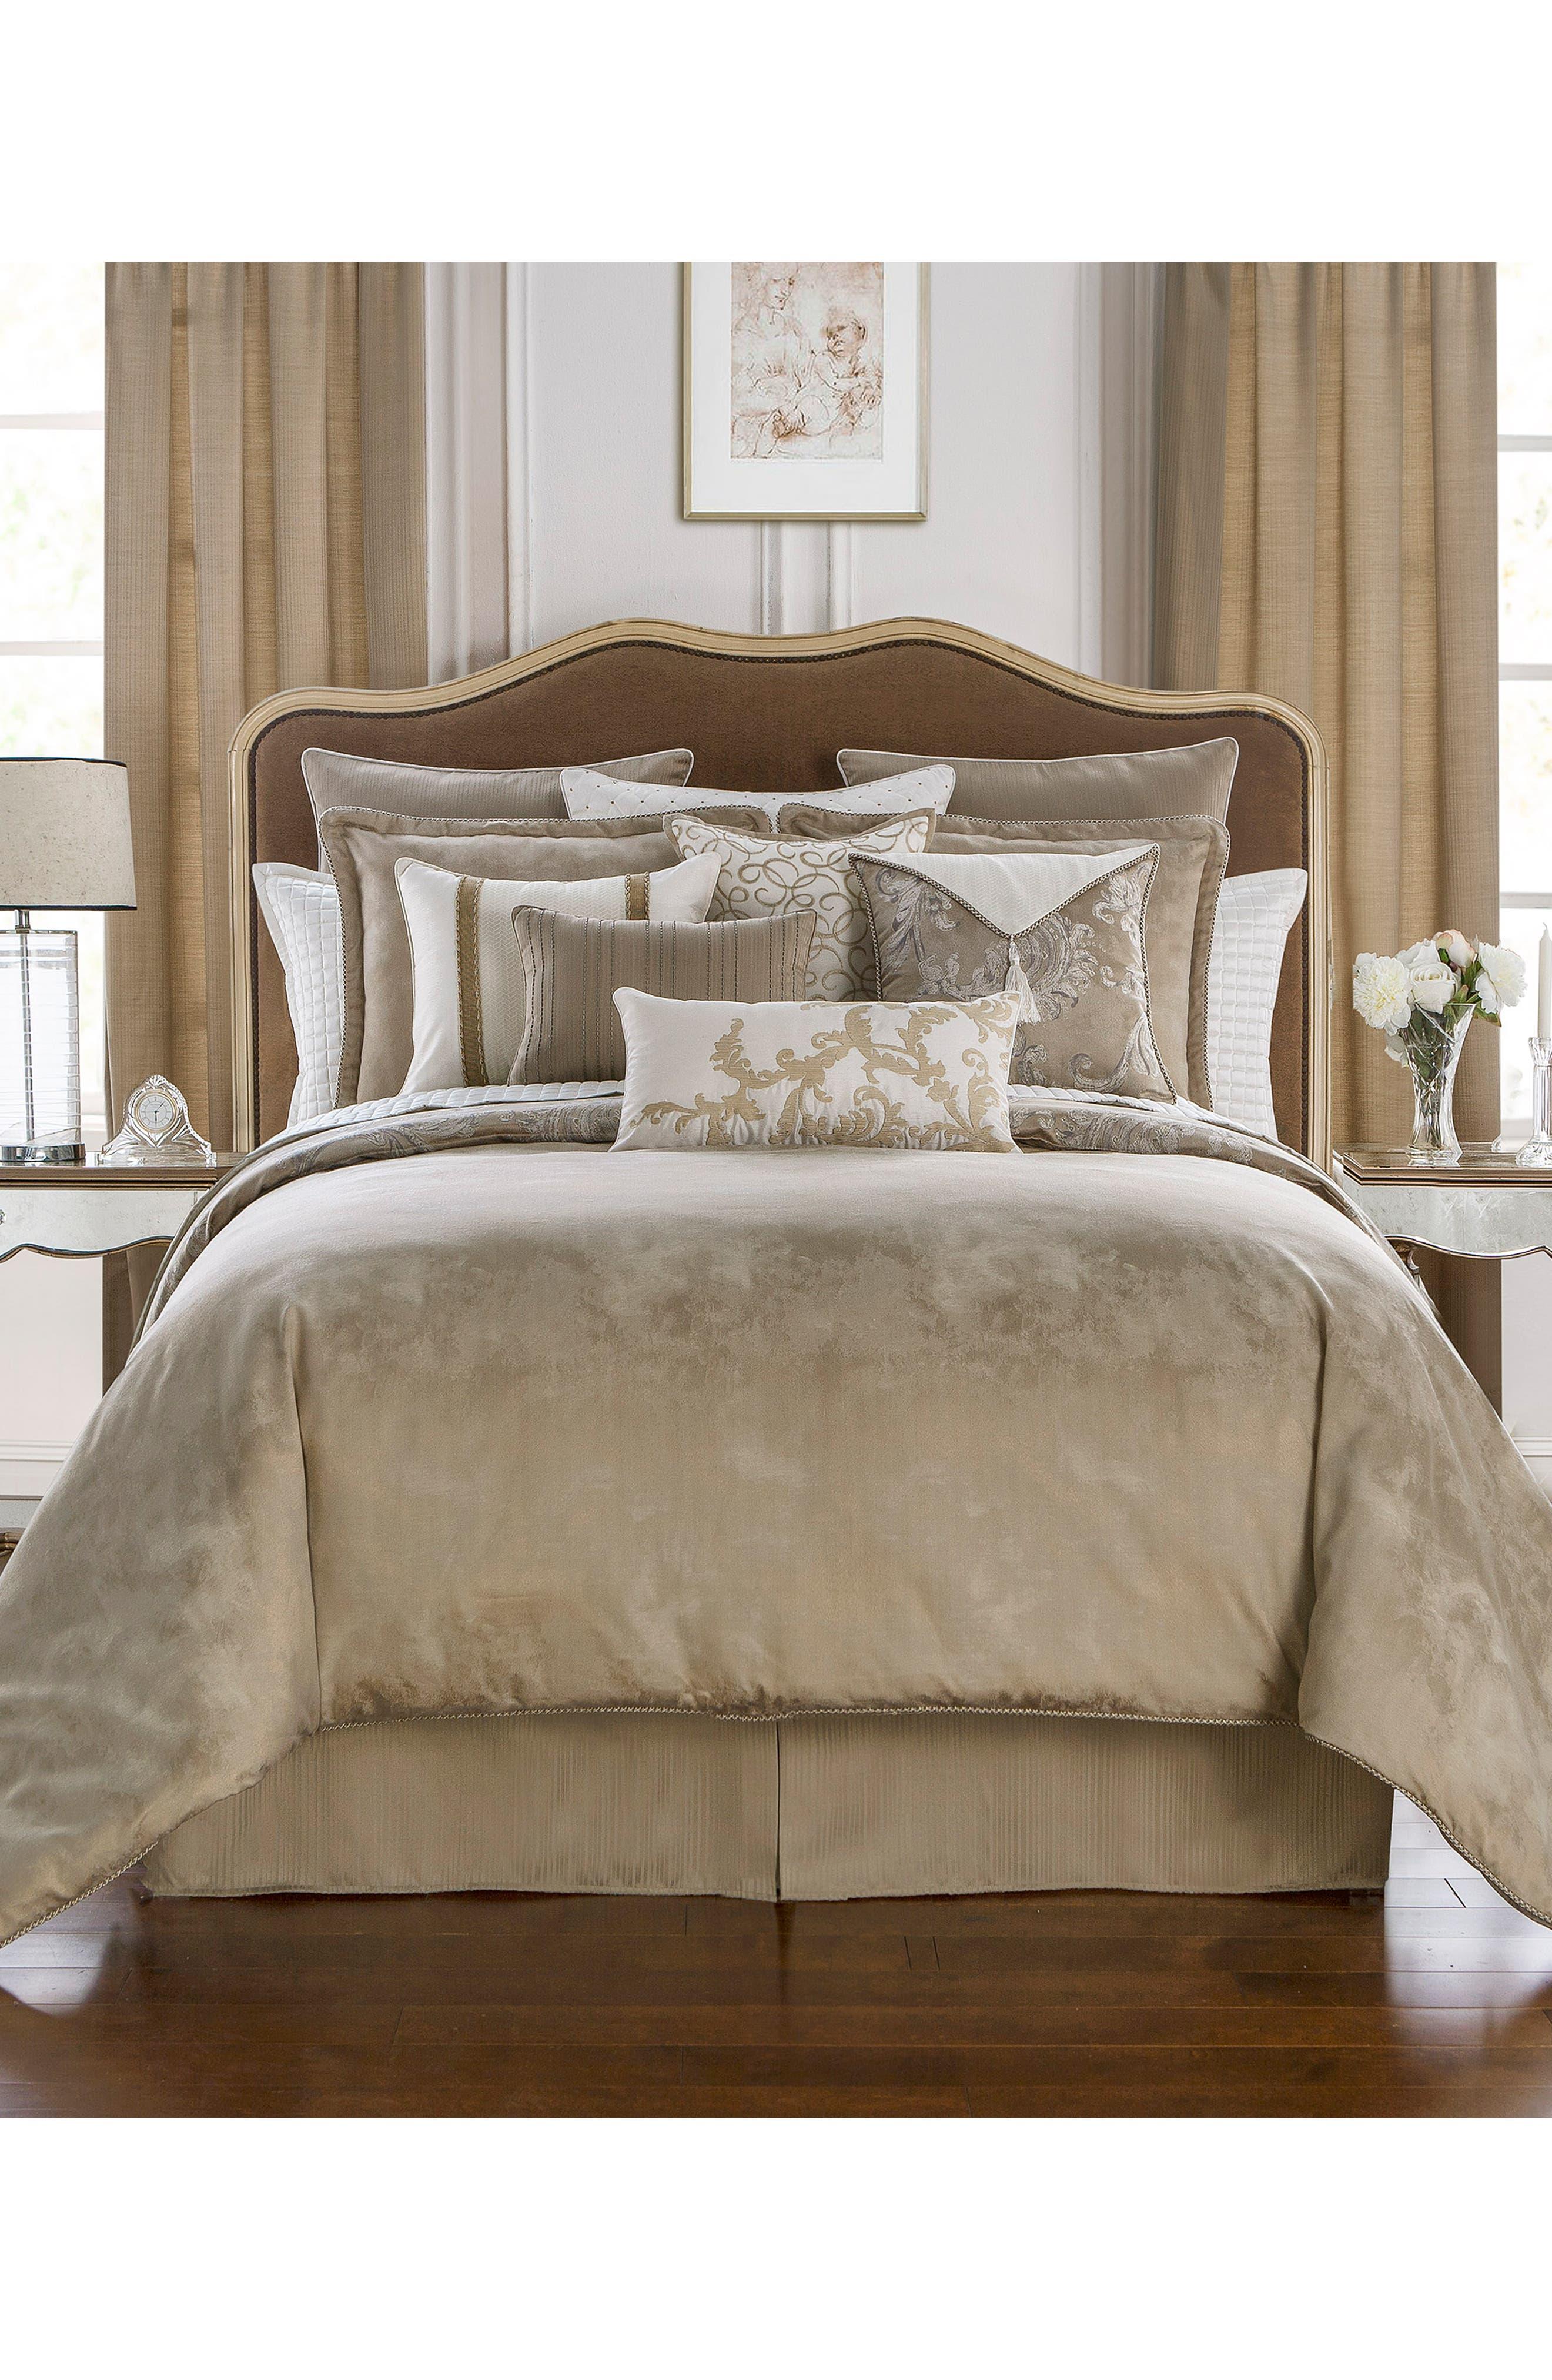 Chantelle Reversible Comforter, Sham & Bed Skirt Set,                             Alternate thumbnail 2, color,                             TAUPE